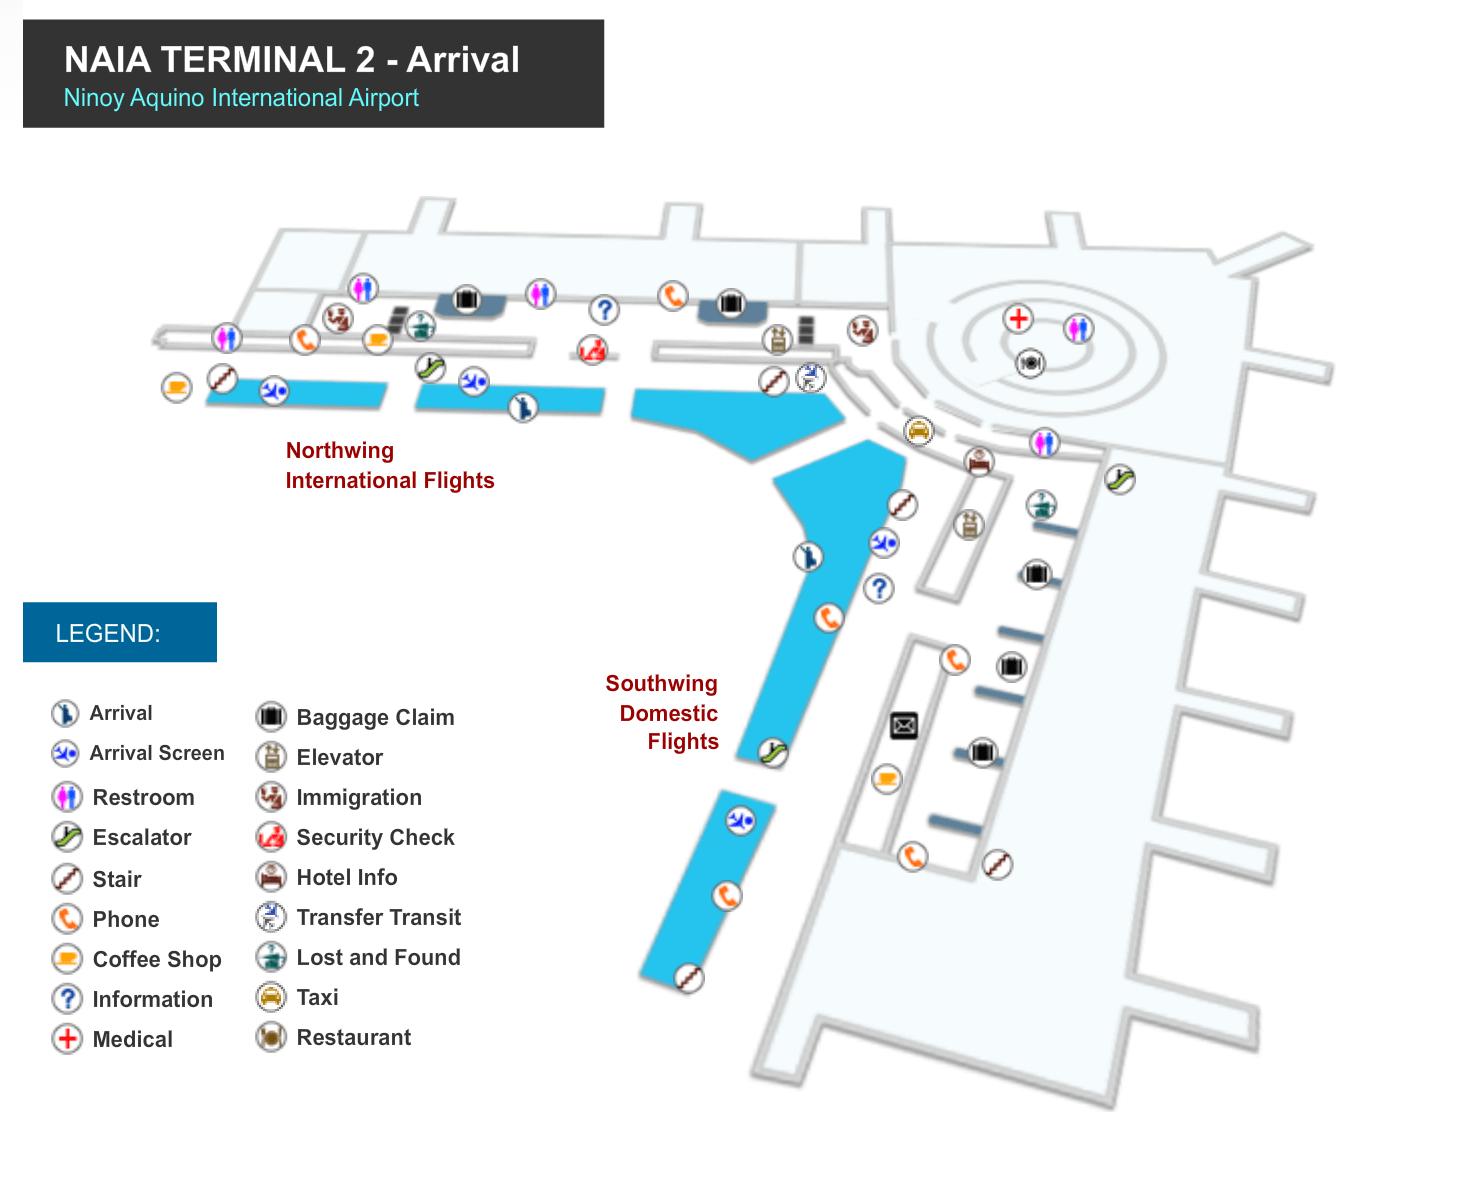 Manila Flughafen Terminal 2 Ankunftsbereich Karte